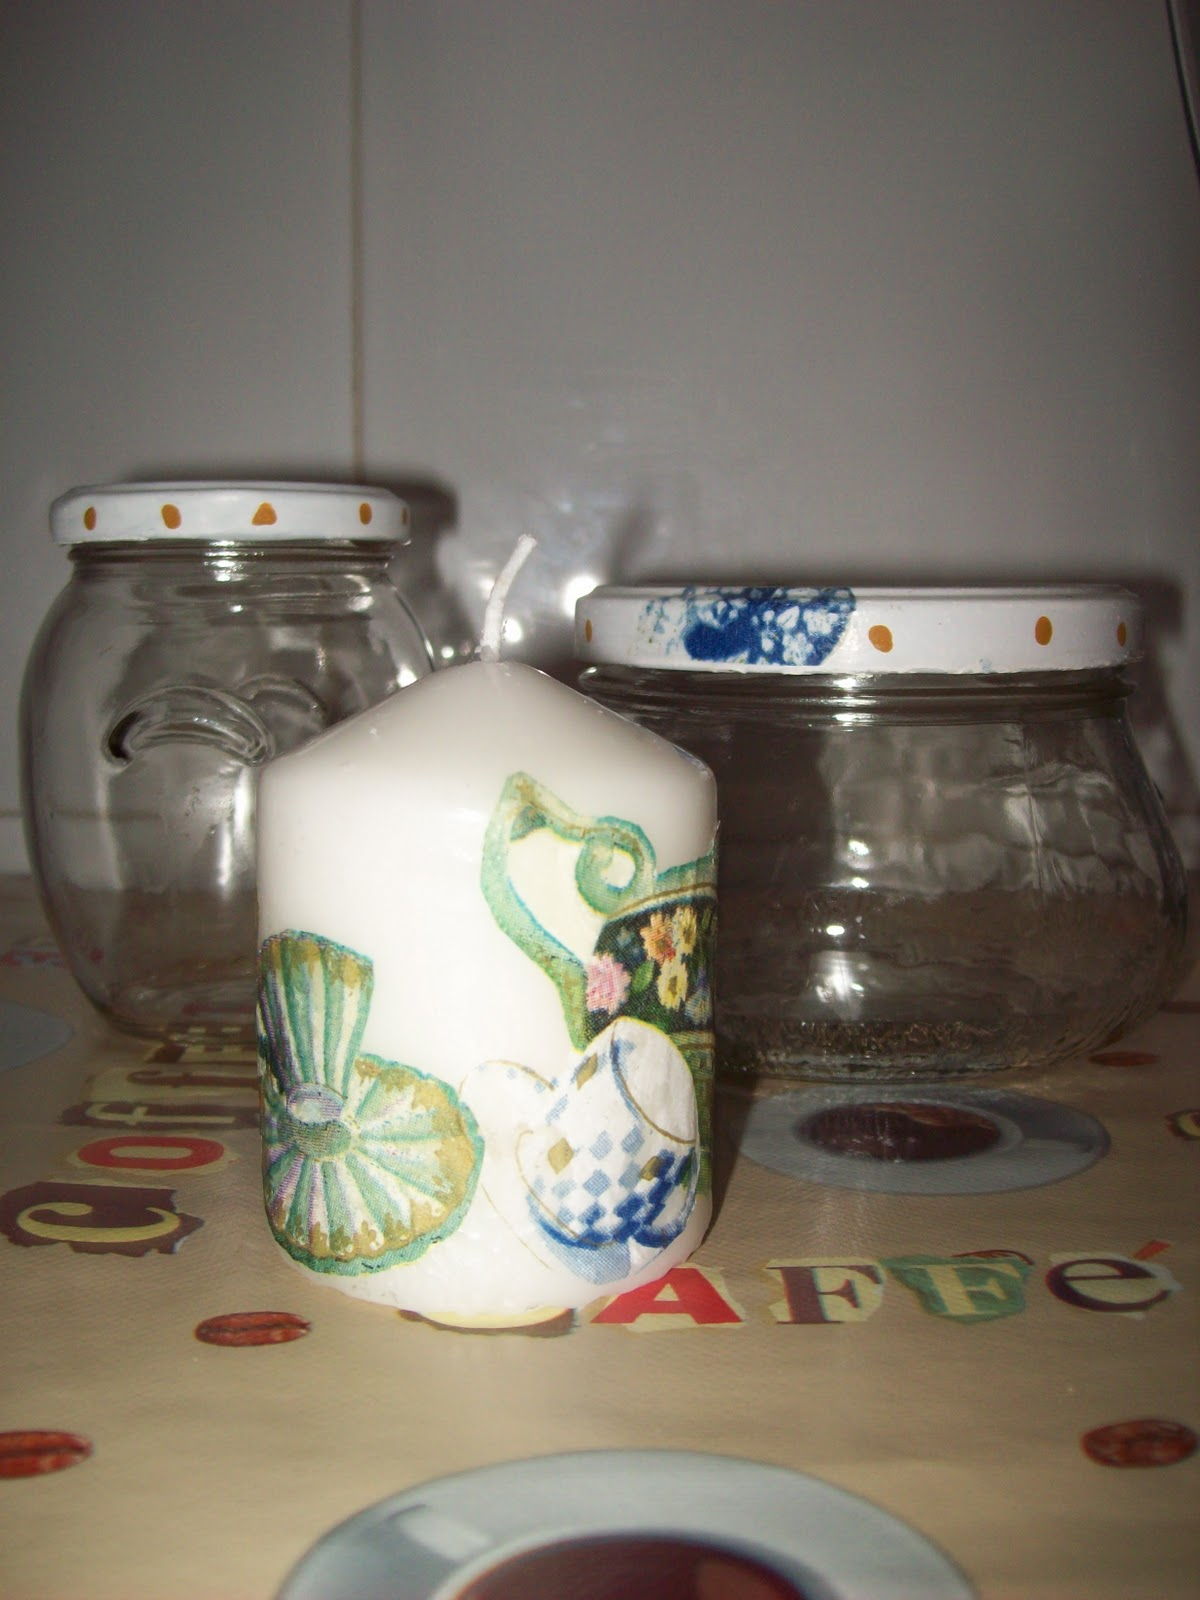 Cosas en el desv n botes de cristal decorados for Botes cristal decorados